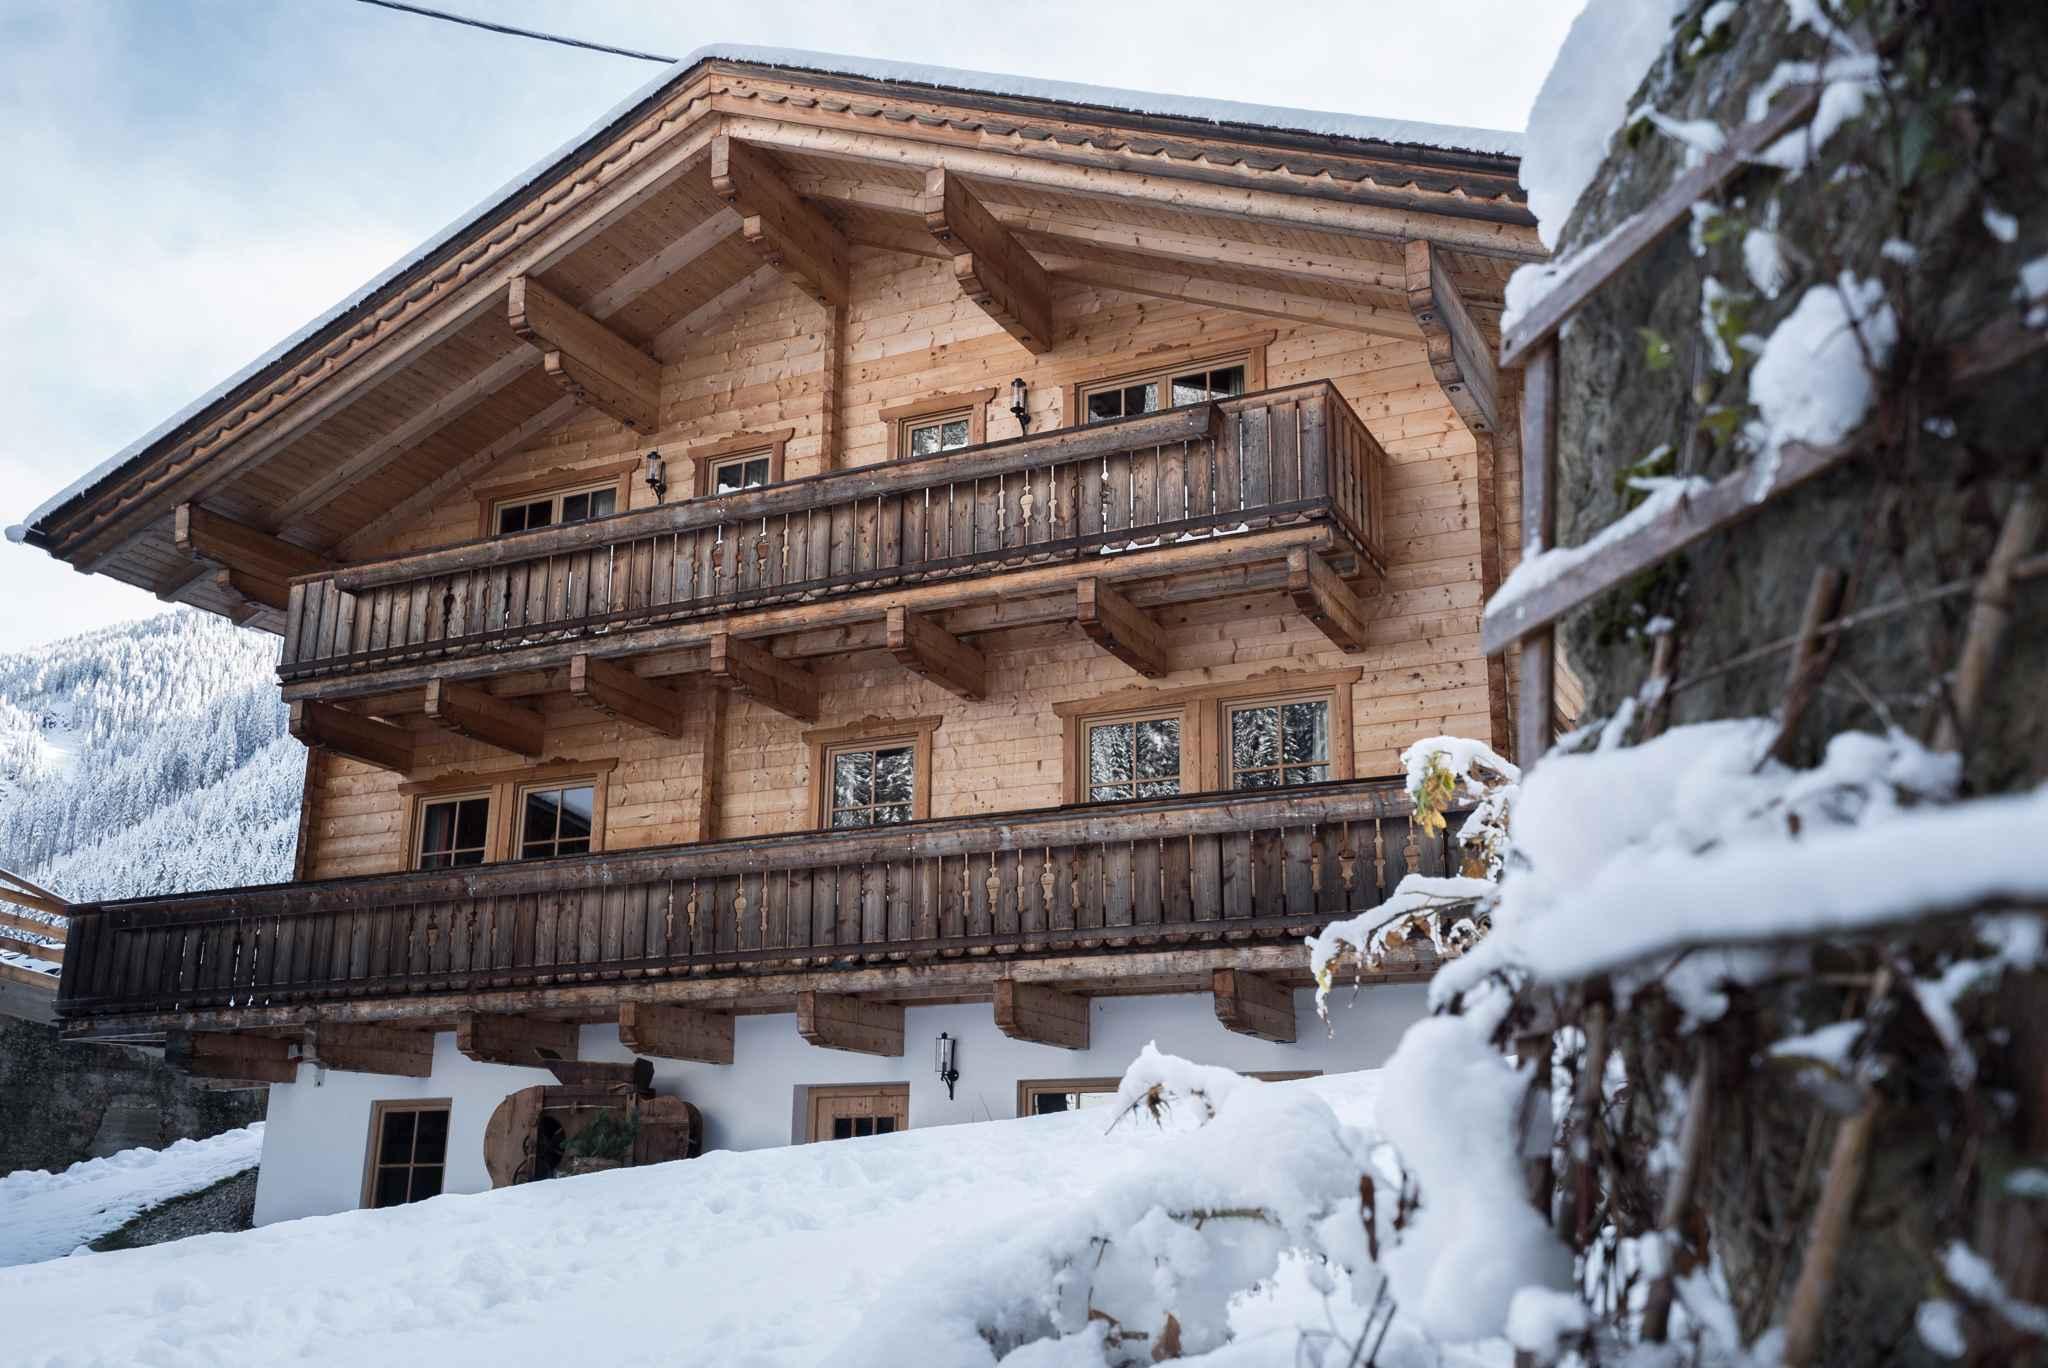 Ferienhaus mit Balkon (957047), Außervillgraten, Osttirol, Tirol, Österreich, Bild 4